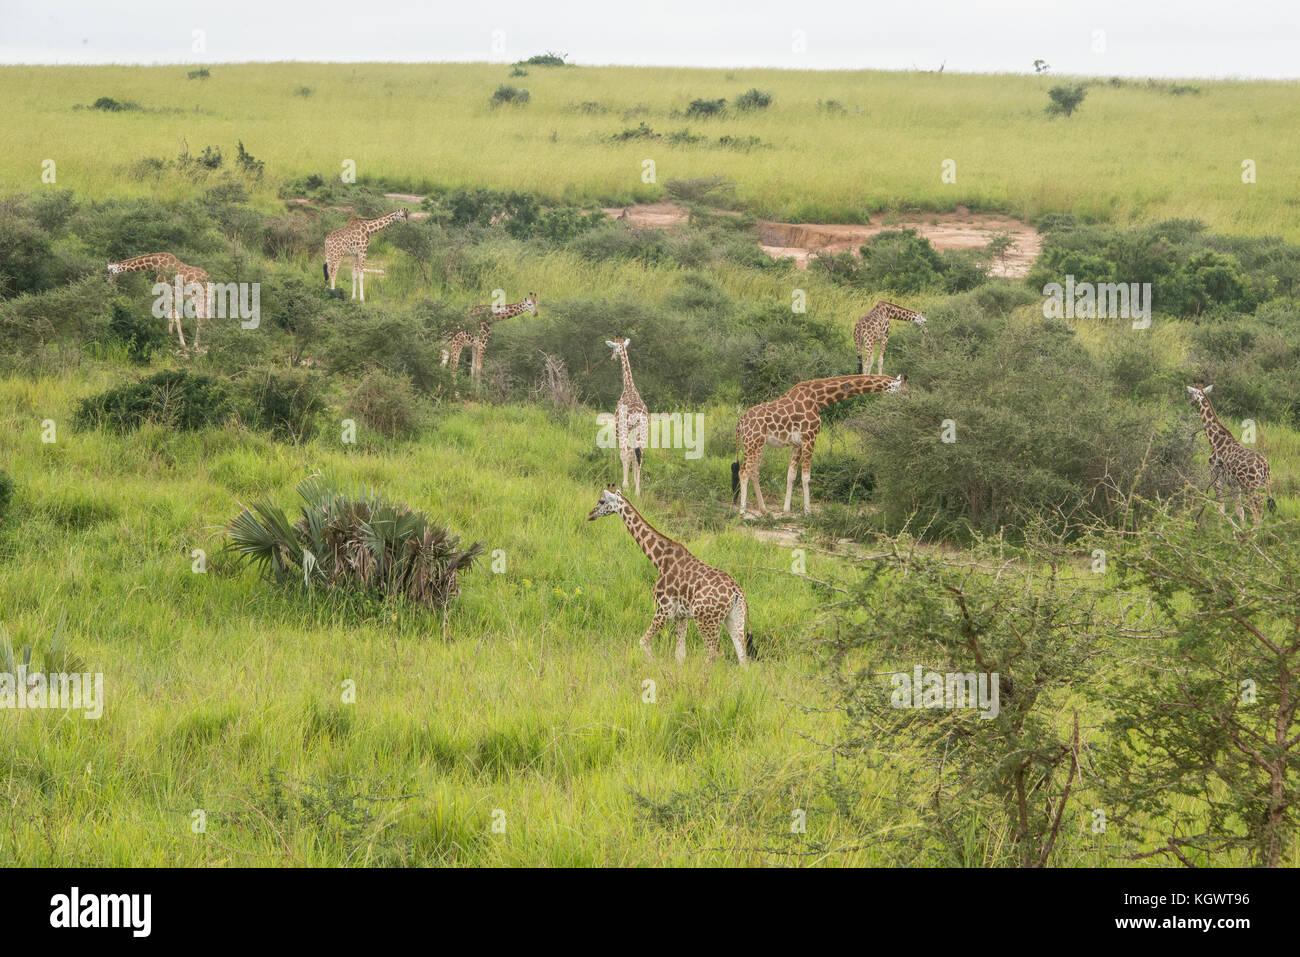 Group of Endangered Rothschild's giraffes feeding on trees in Murchison Falls National Park, Uganda. - Stock Image